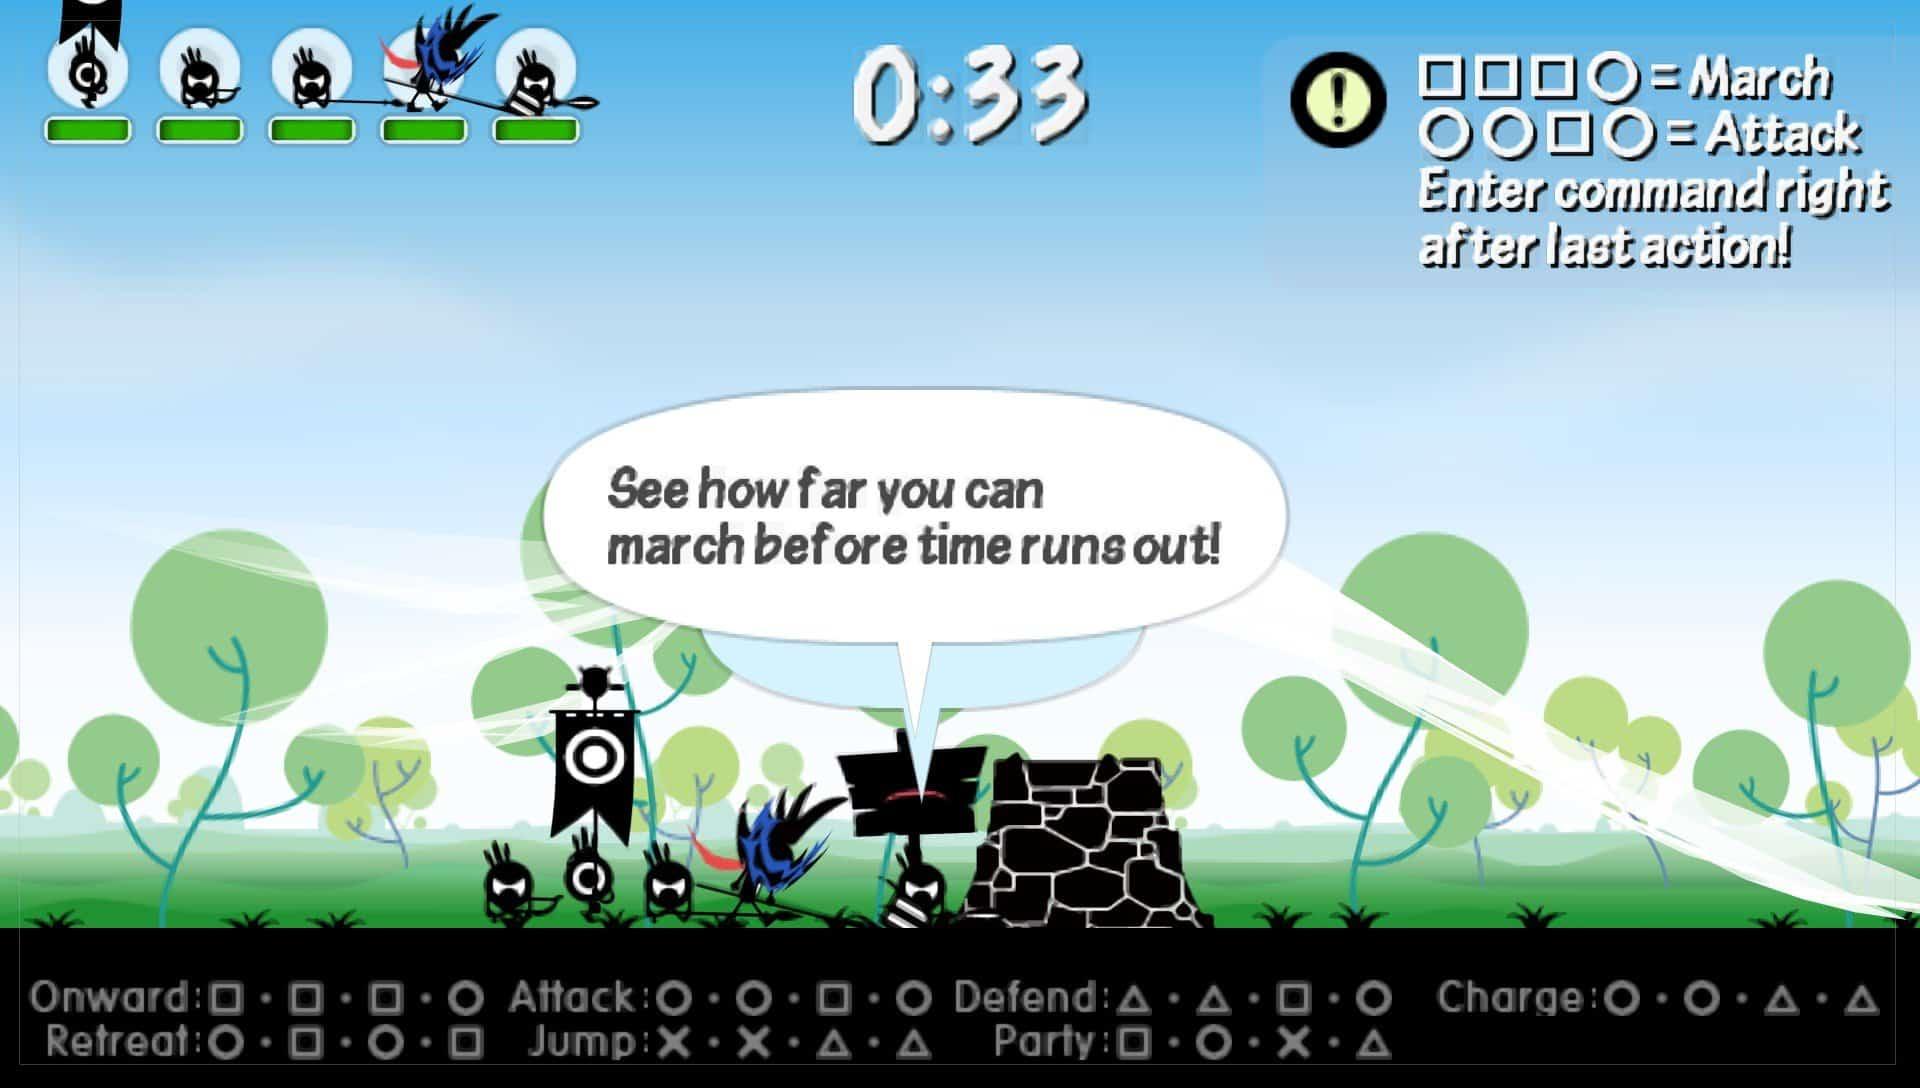 patapon3-1 Lista de jogos compatíveis com PPSSPP (Emulador do PSP para Android)